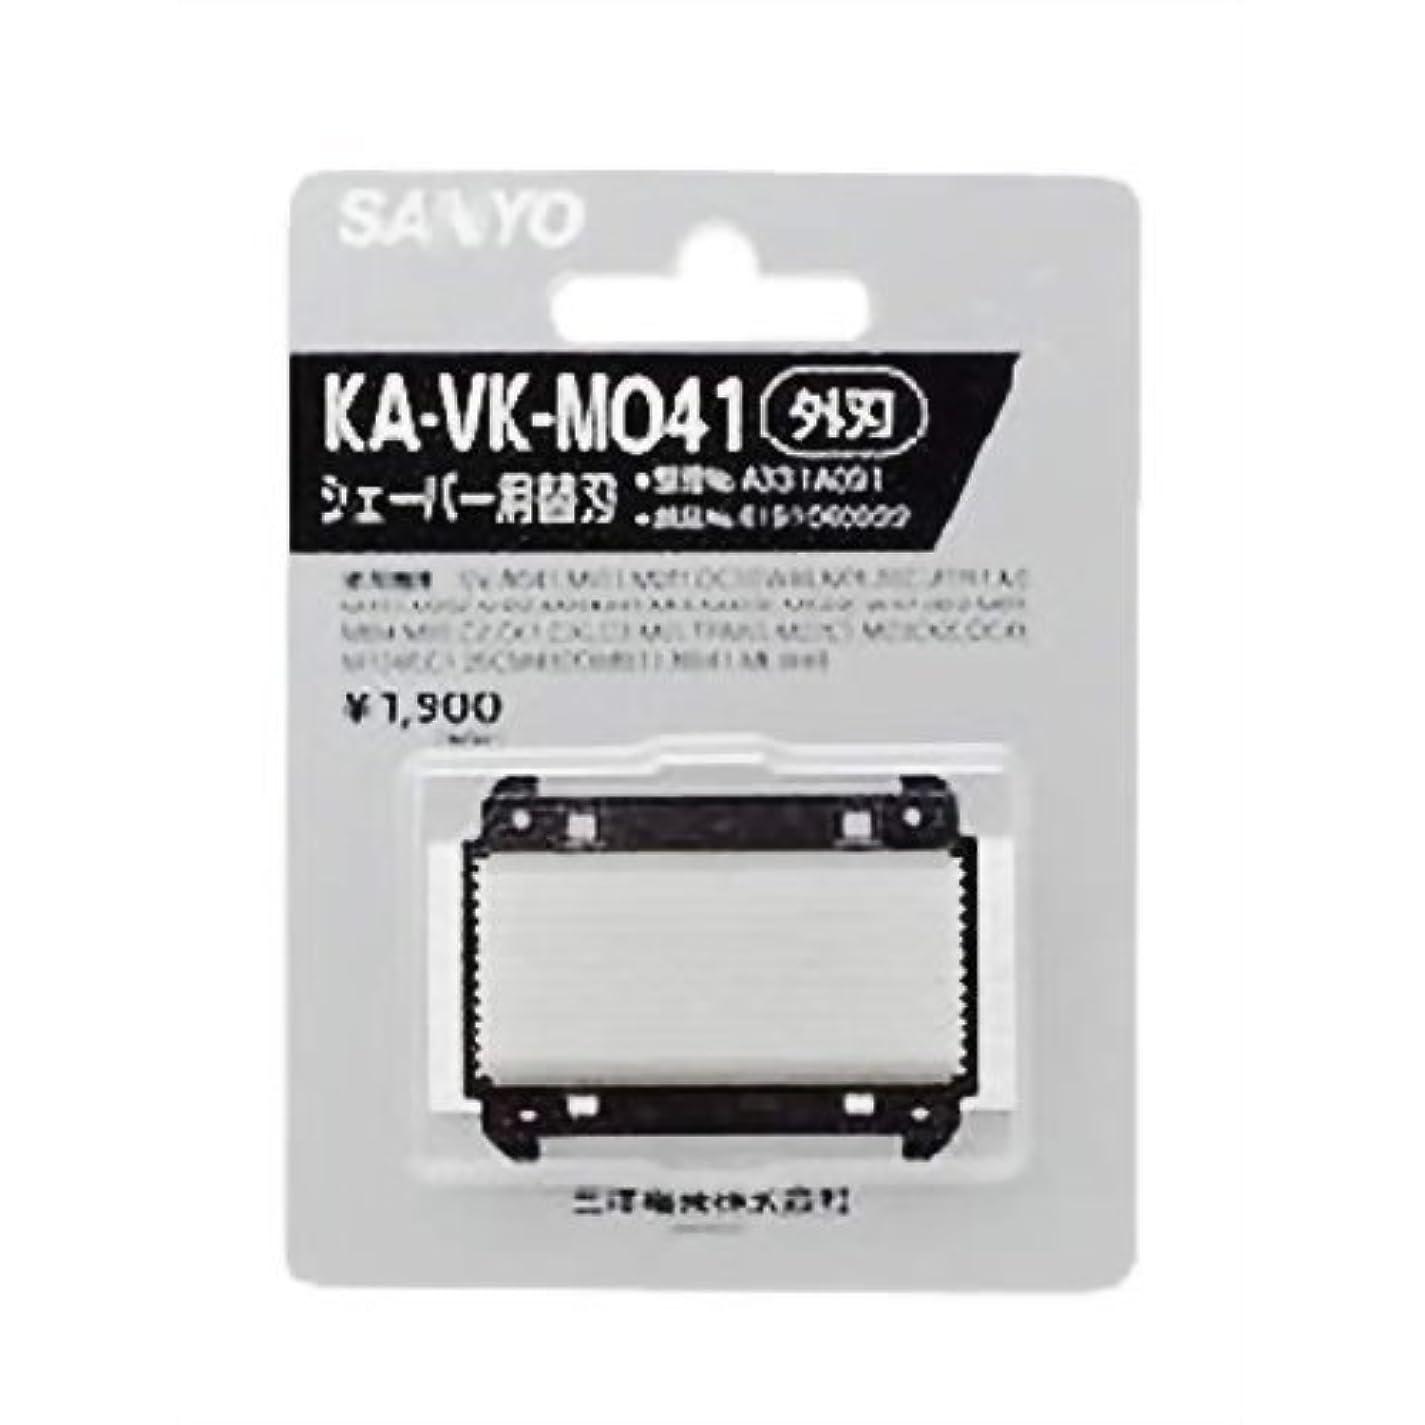 囲まれた胃誰のSANYO シェーバー用替刃 外刃 KA-VK-M041